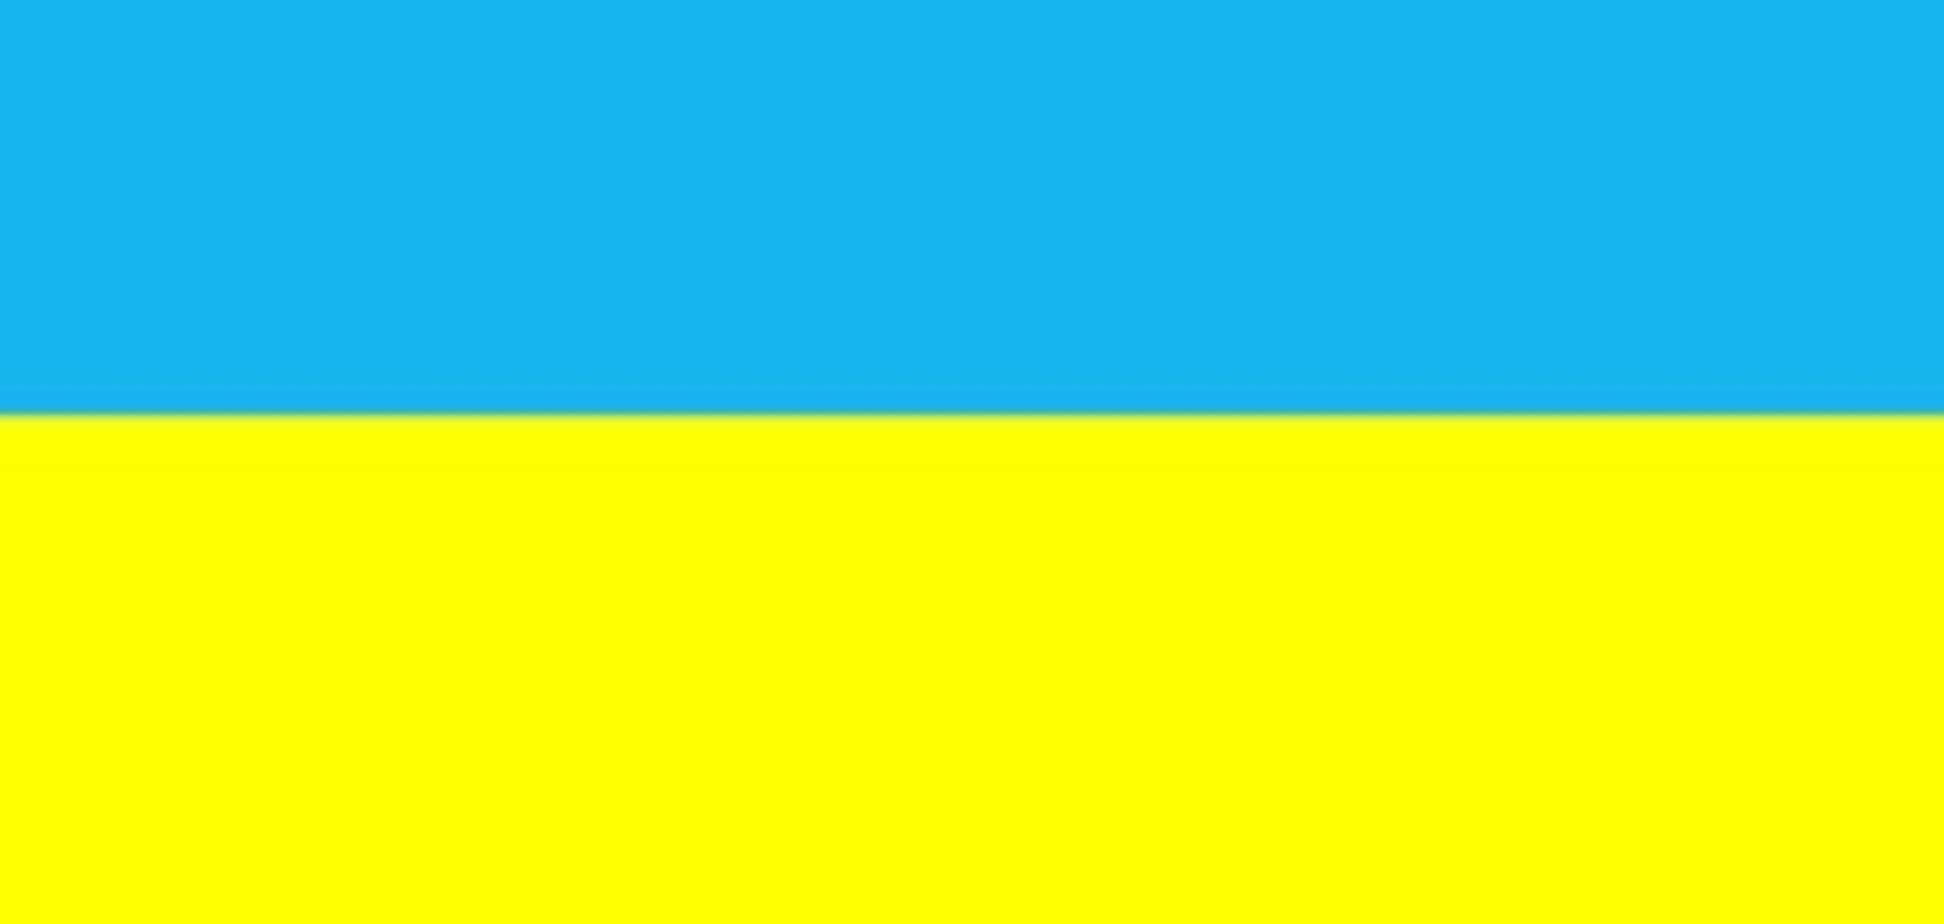 Украинцев уже меньше 46 миллионов